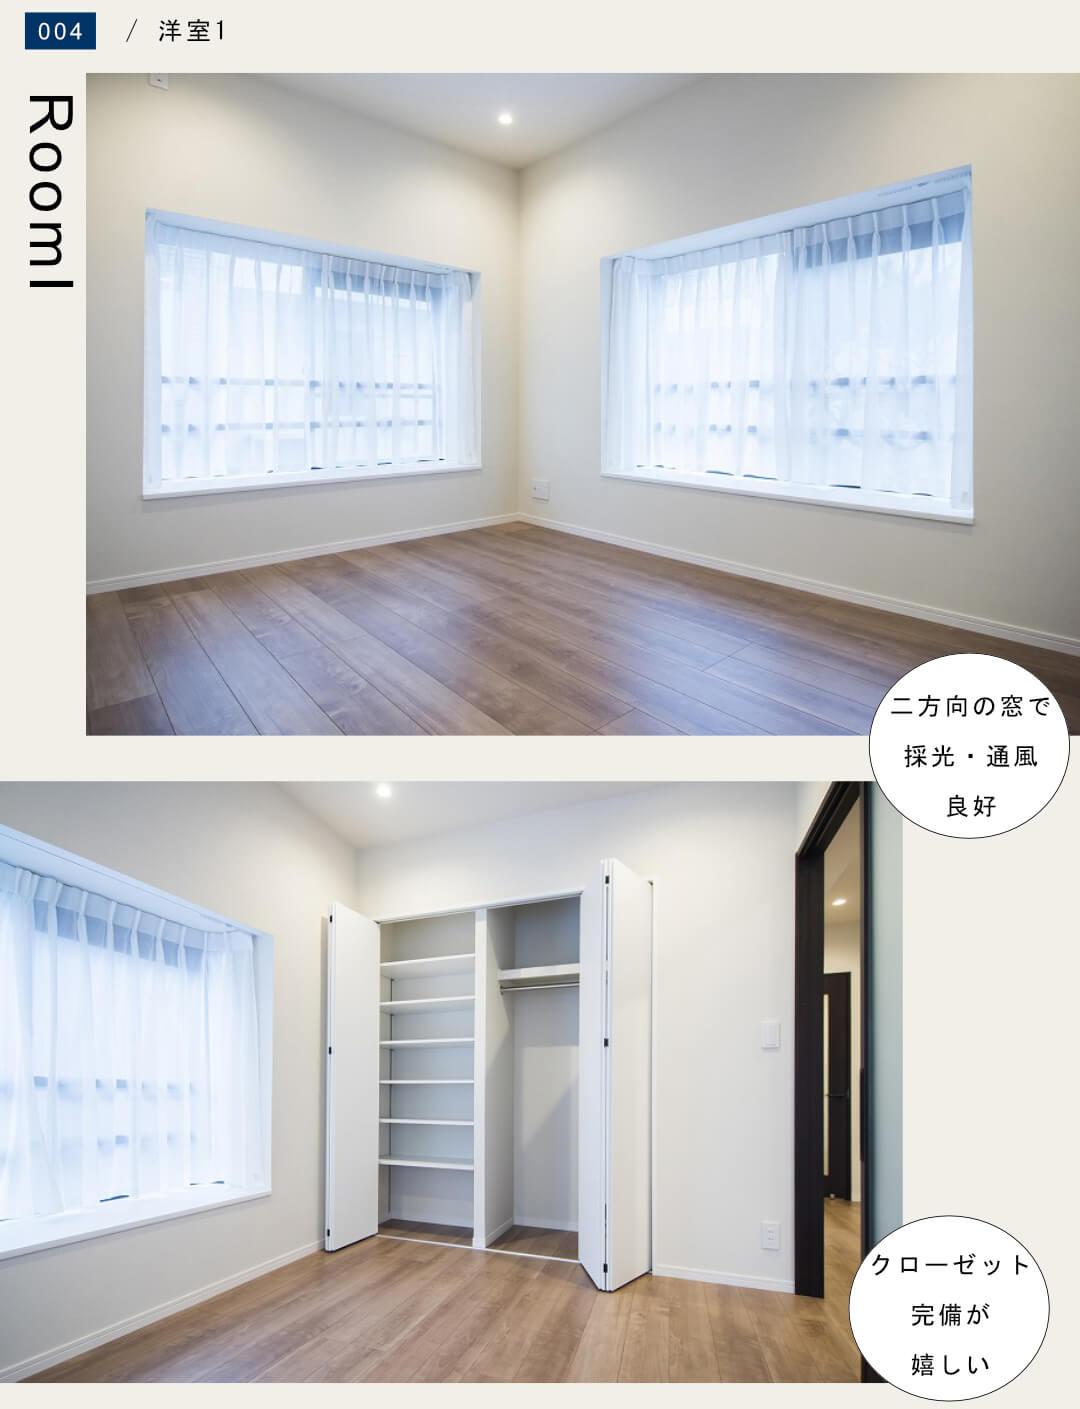 六本木アビタシオン 202号室の洋室1